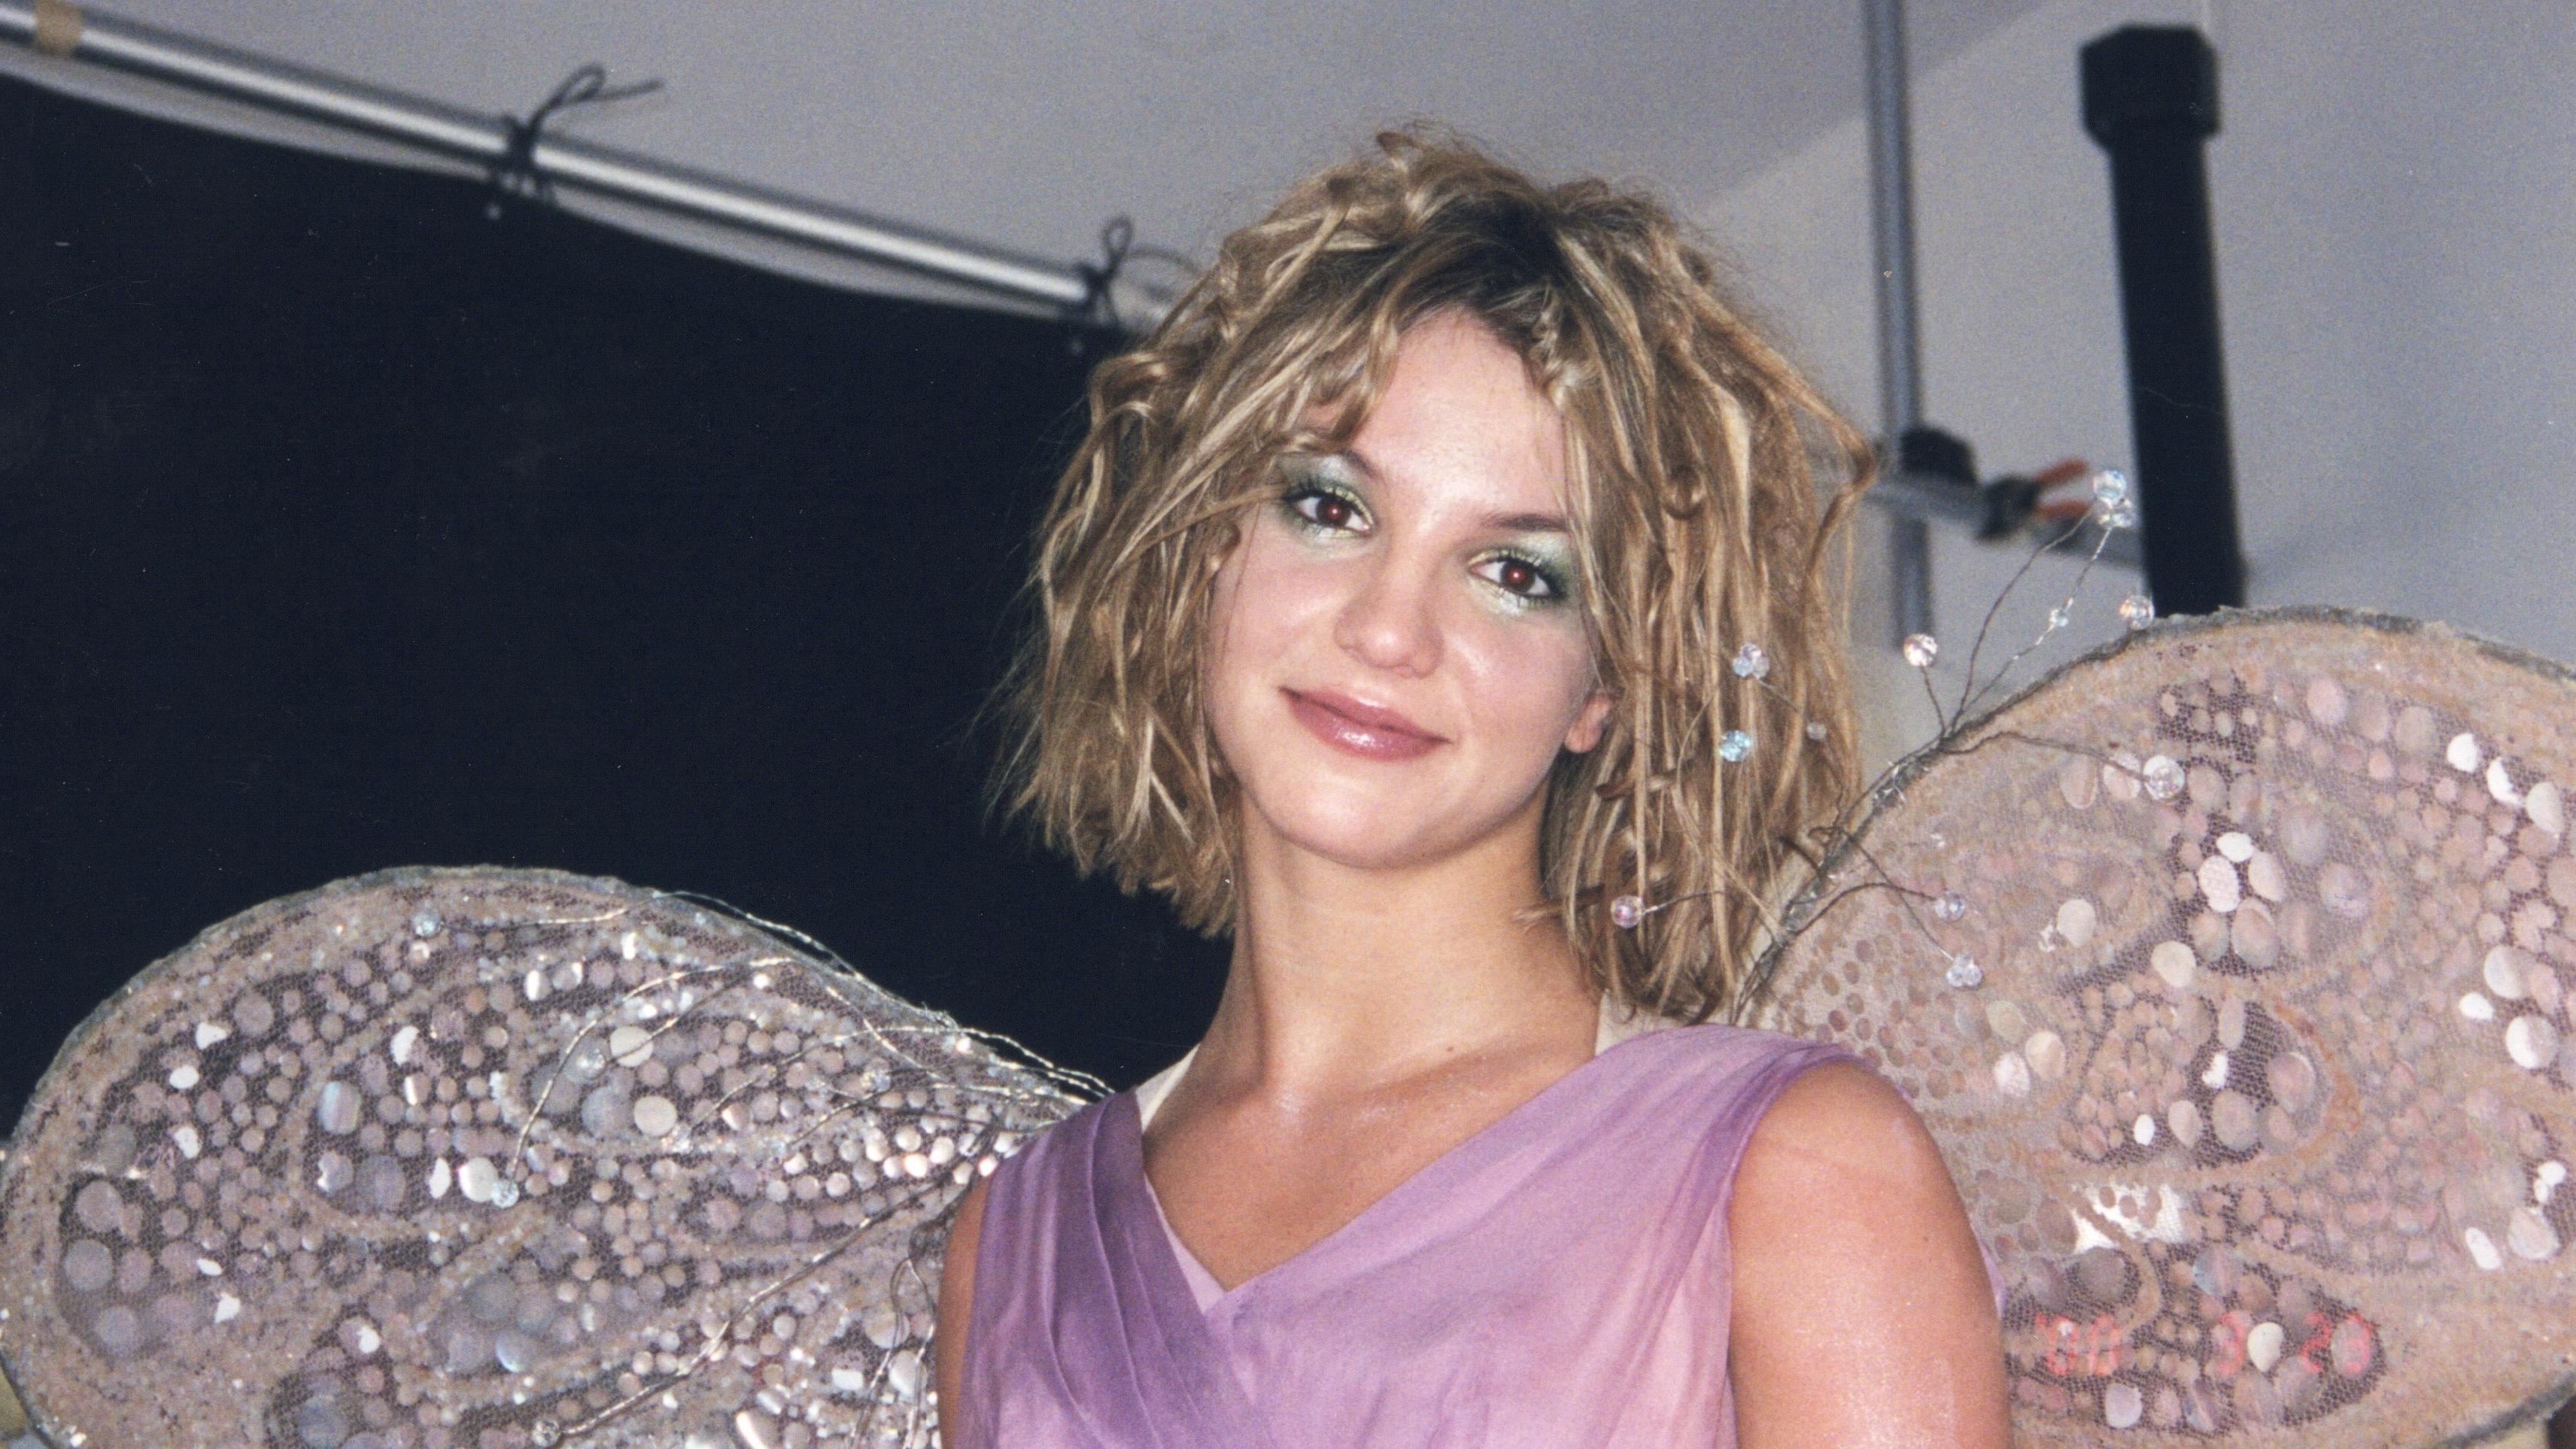 Britney Spears wearing butterfly wings